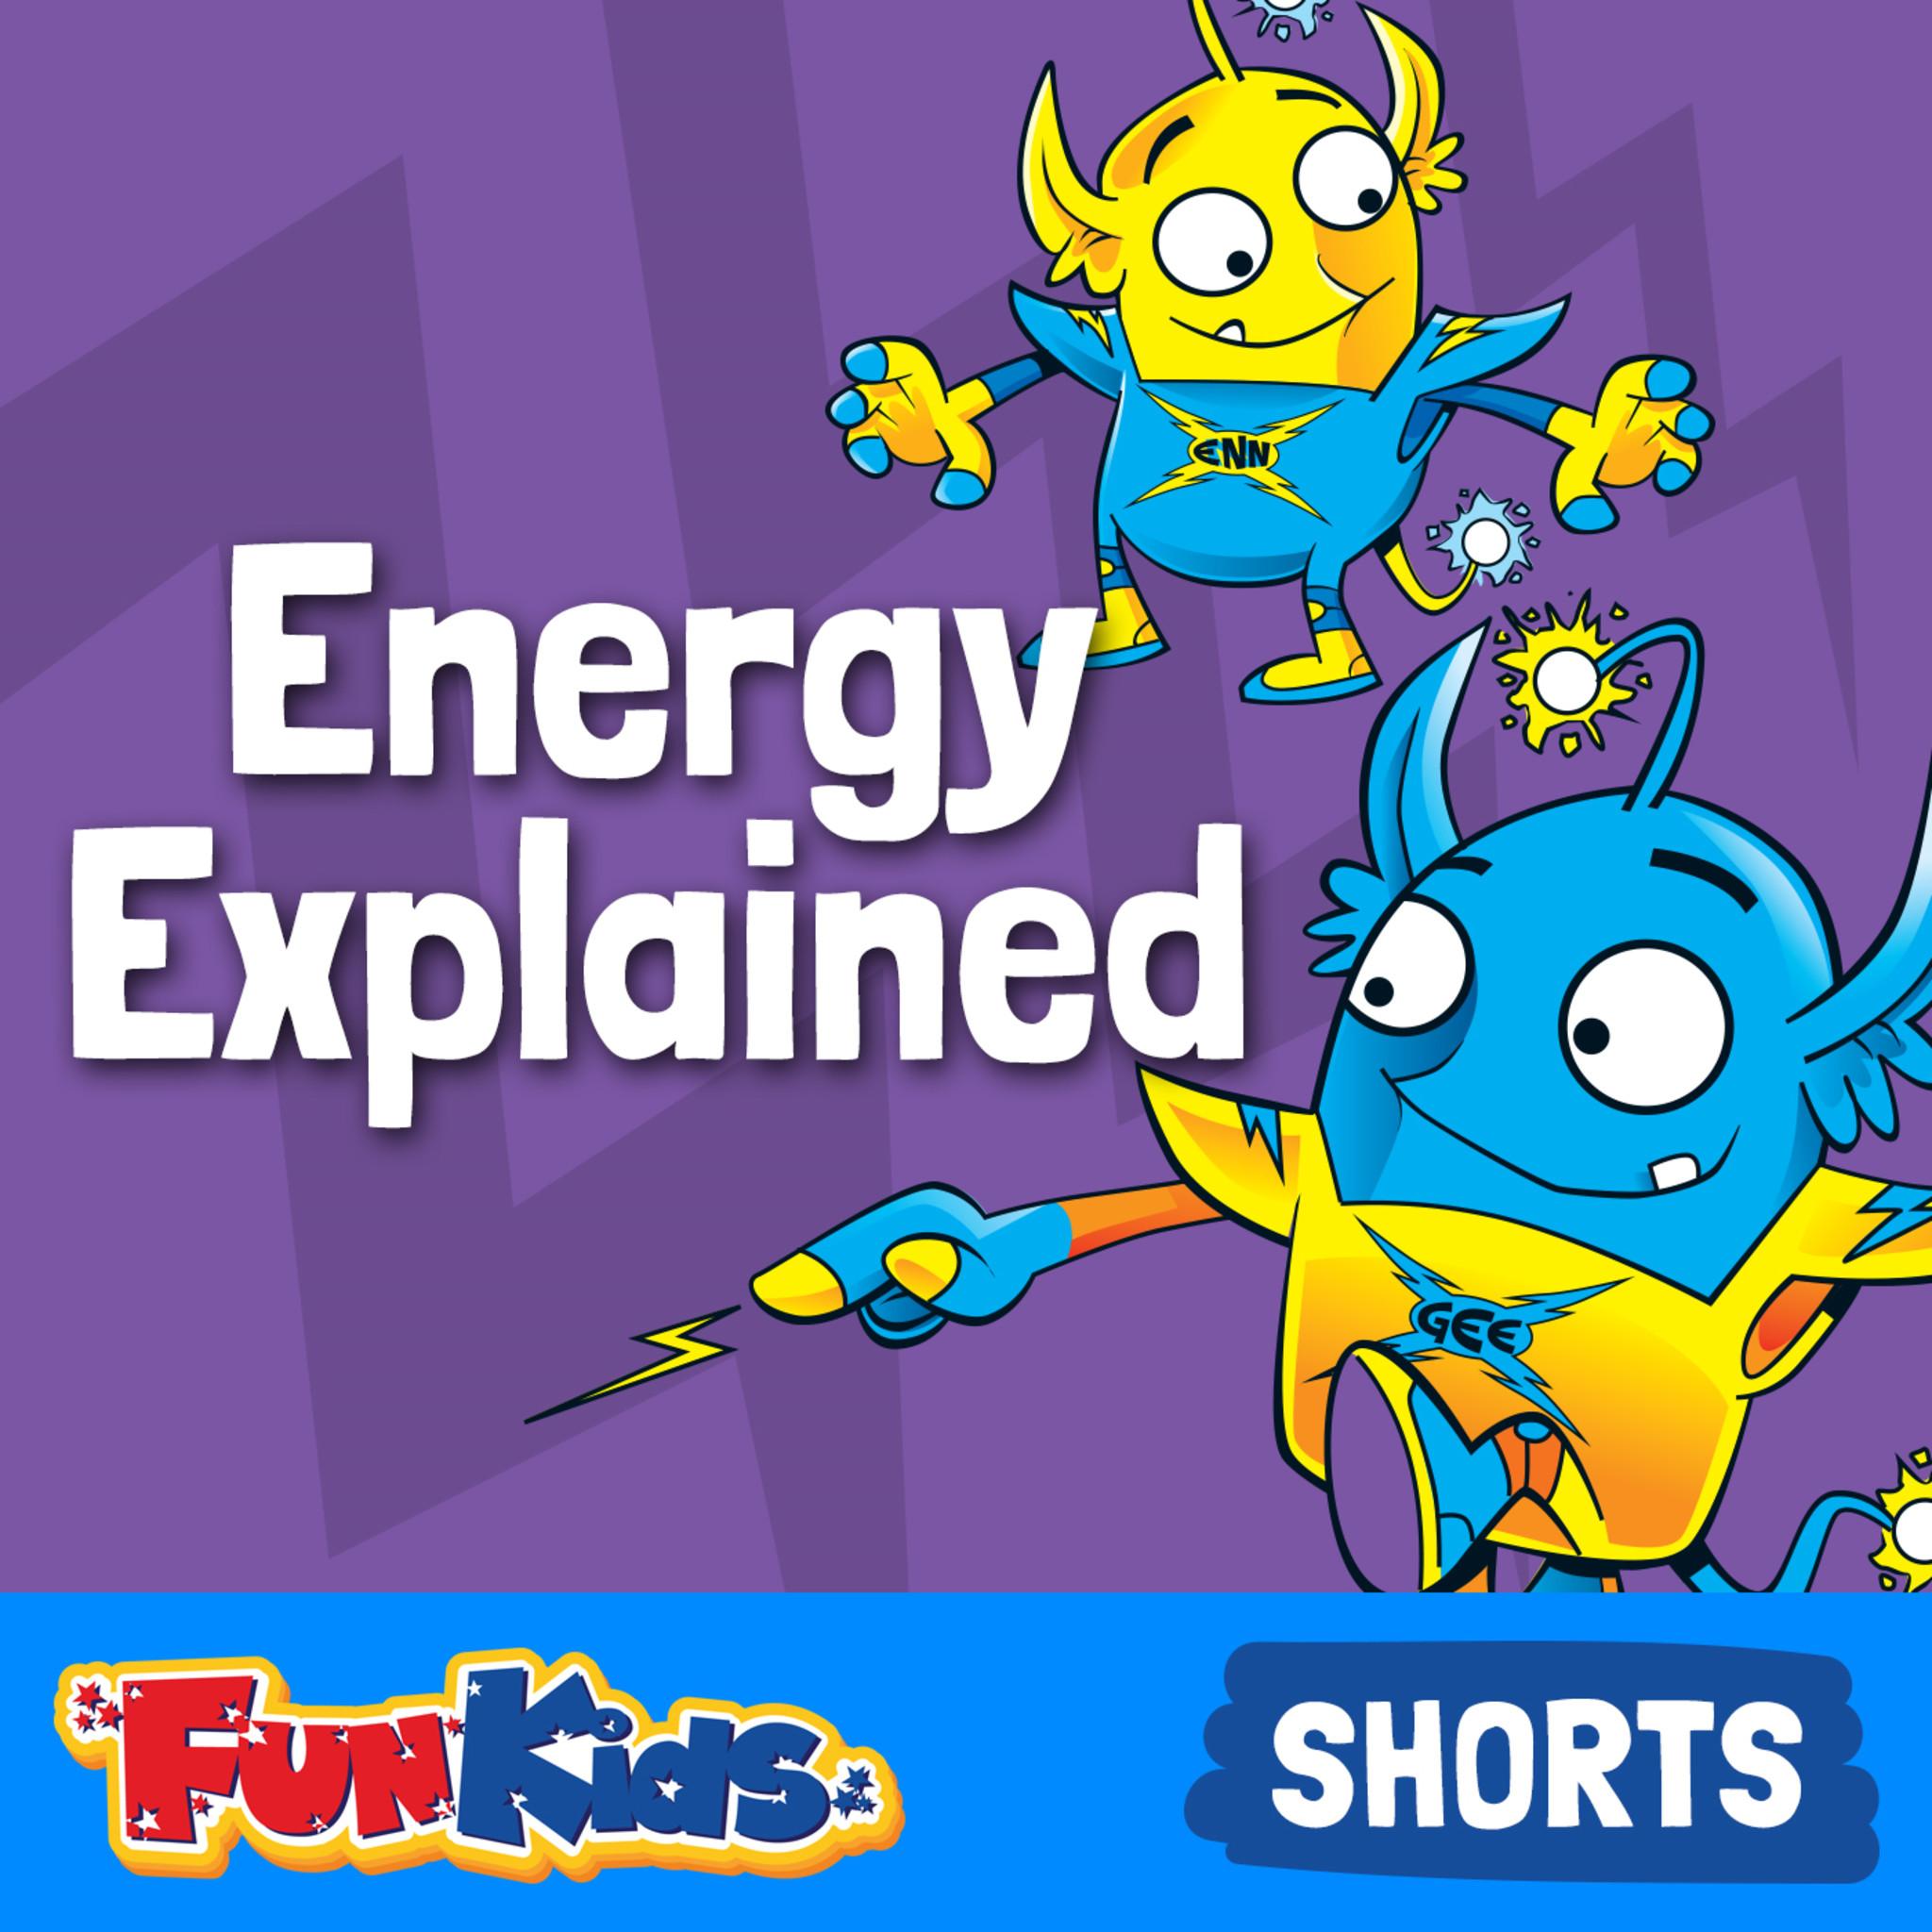 MORE SMART ENERGY TIPS (Enn & Gee's Meter Motivator)